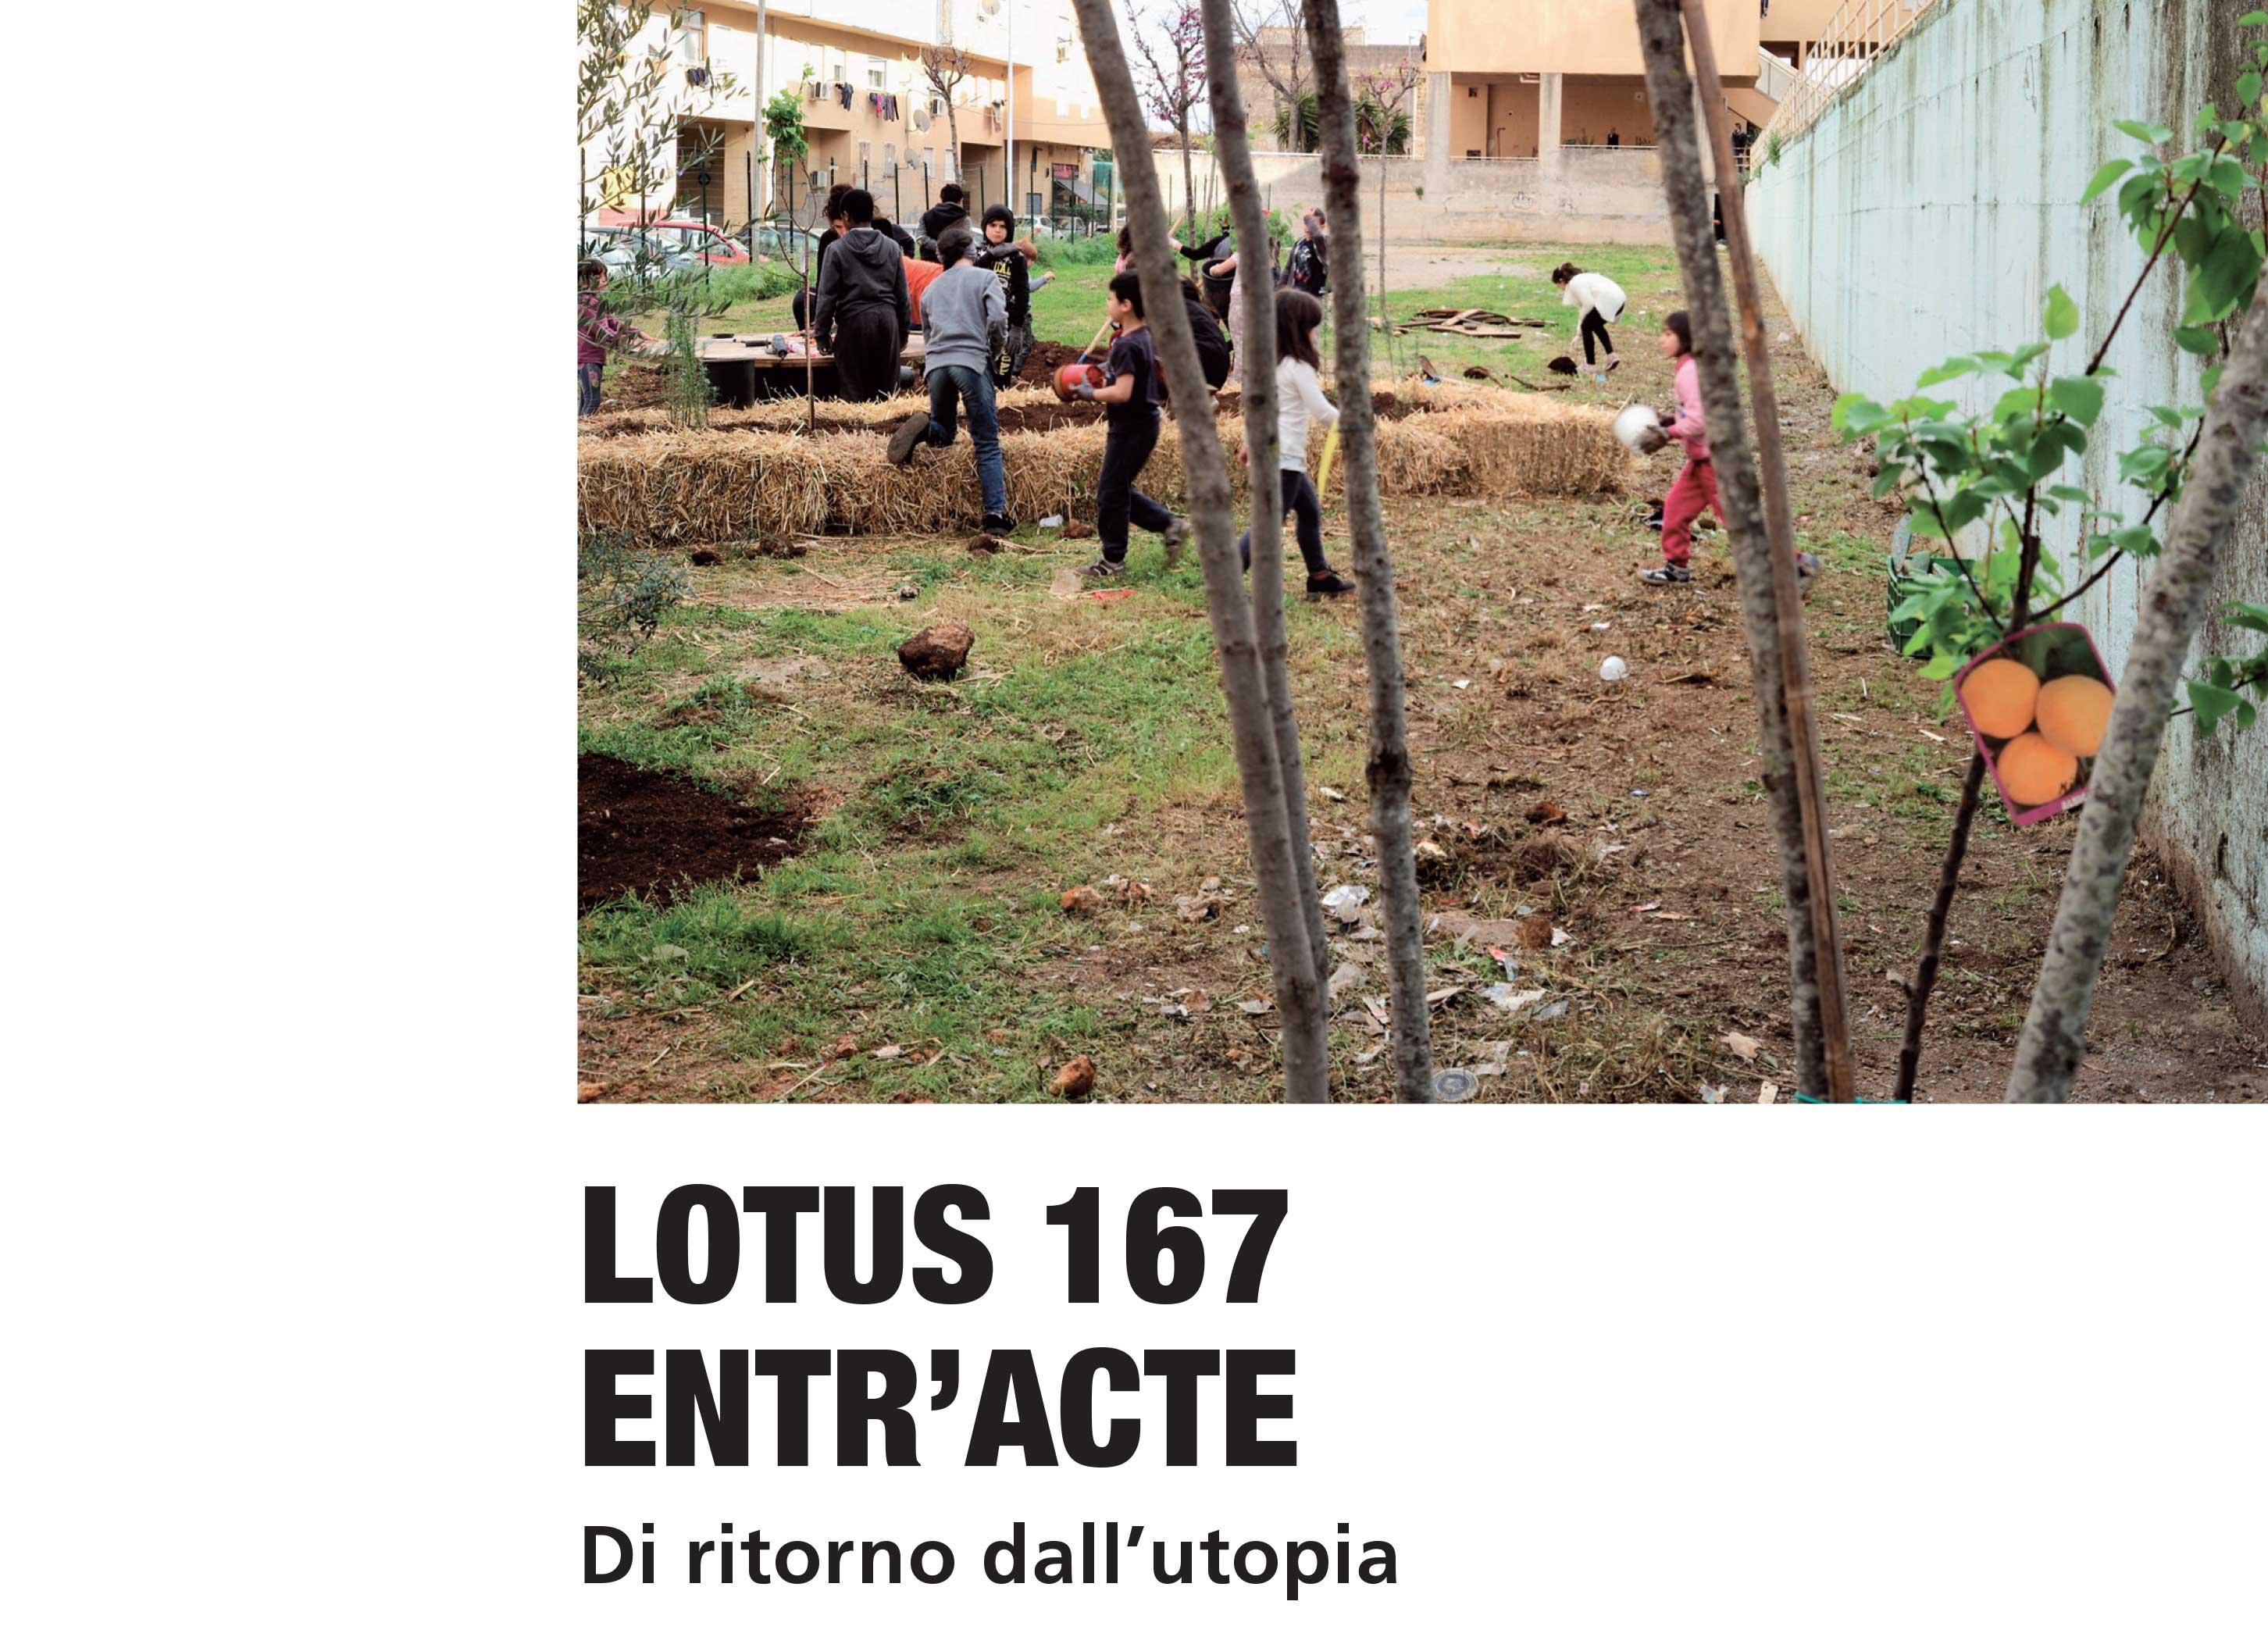 Lotus 167 Entr'acte - Di ritorno dall'utopia